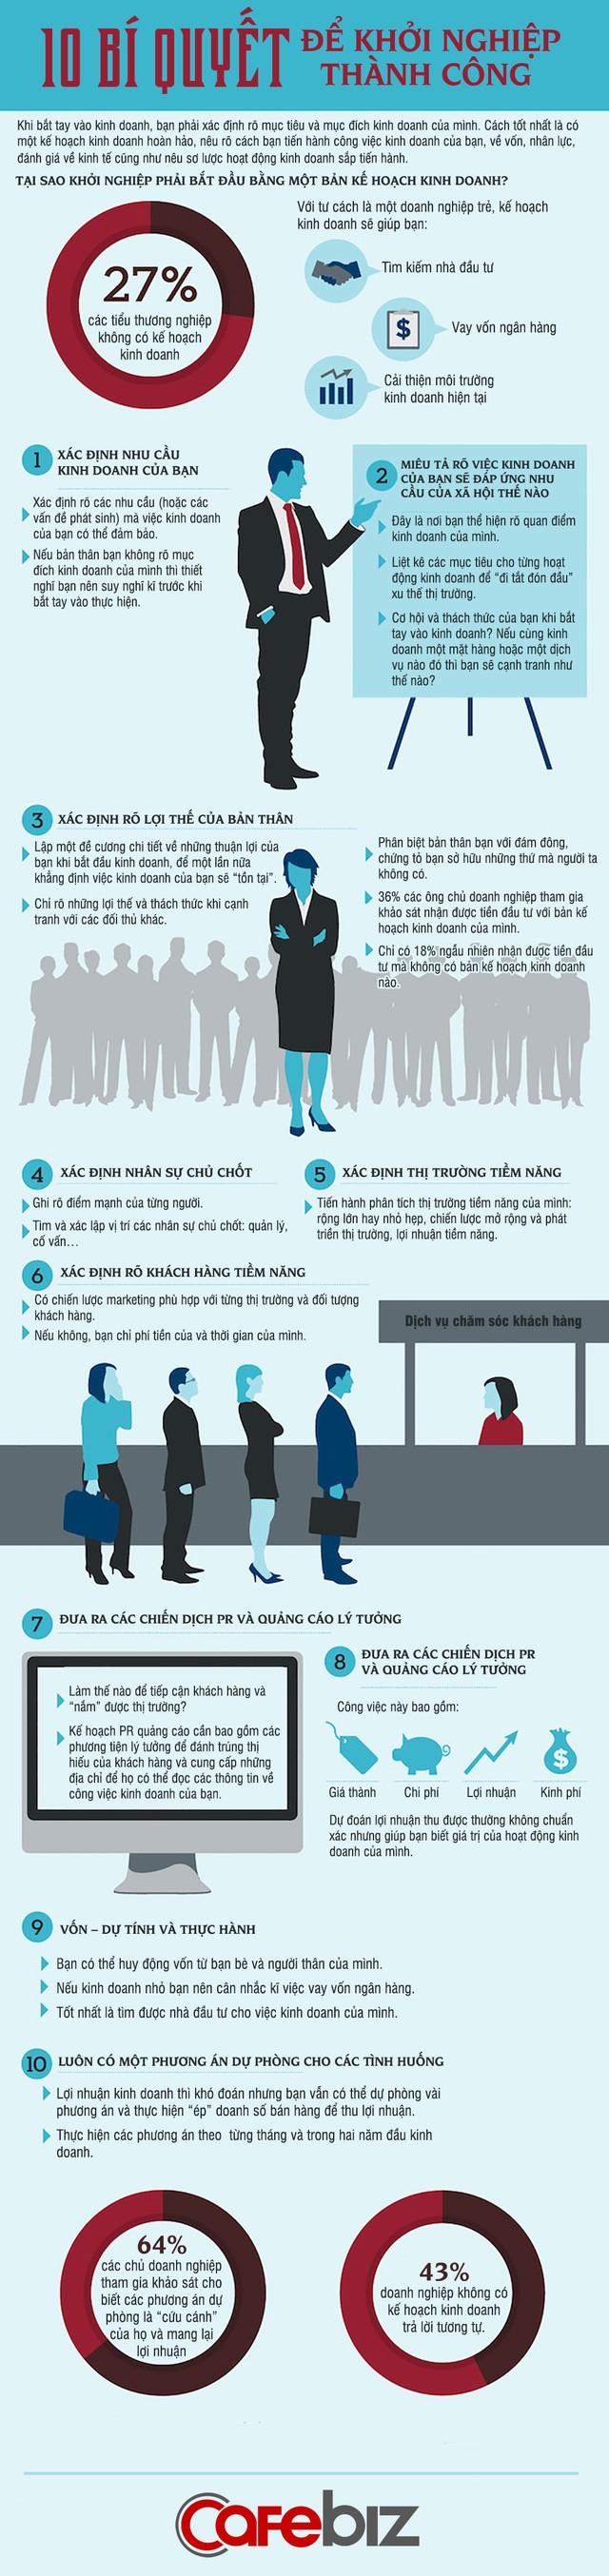 10 bí quyết khởi nghiệp kinh doanh thành công